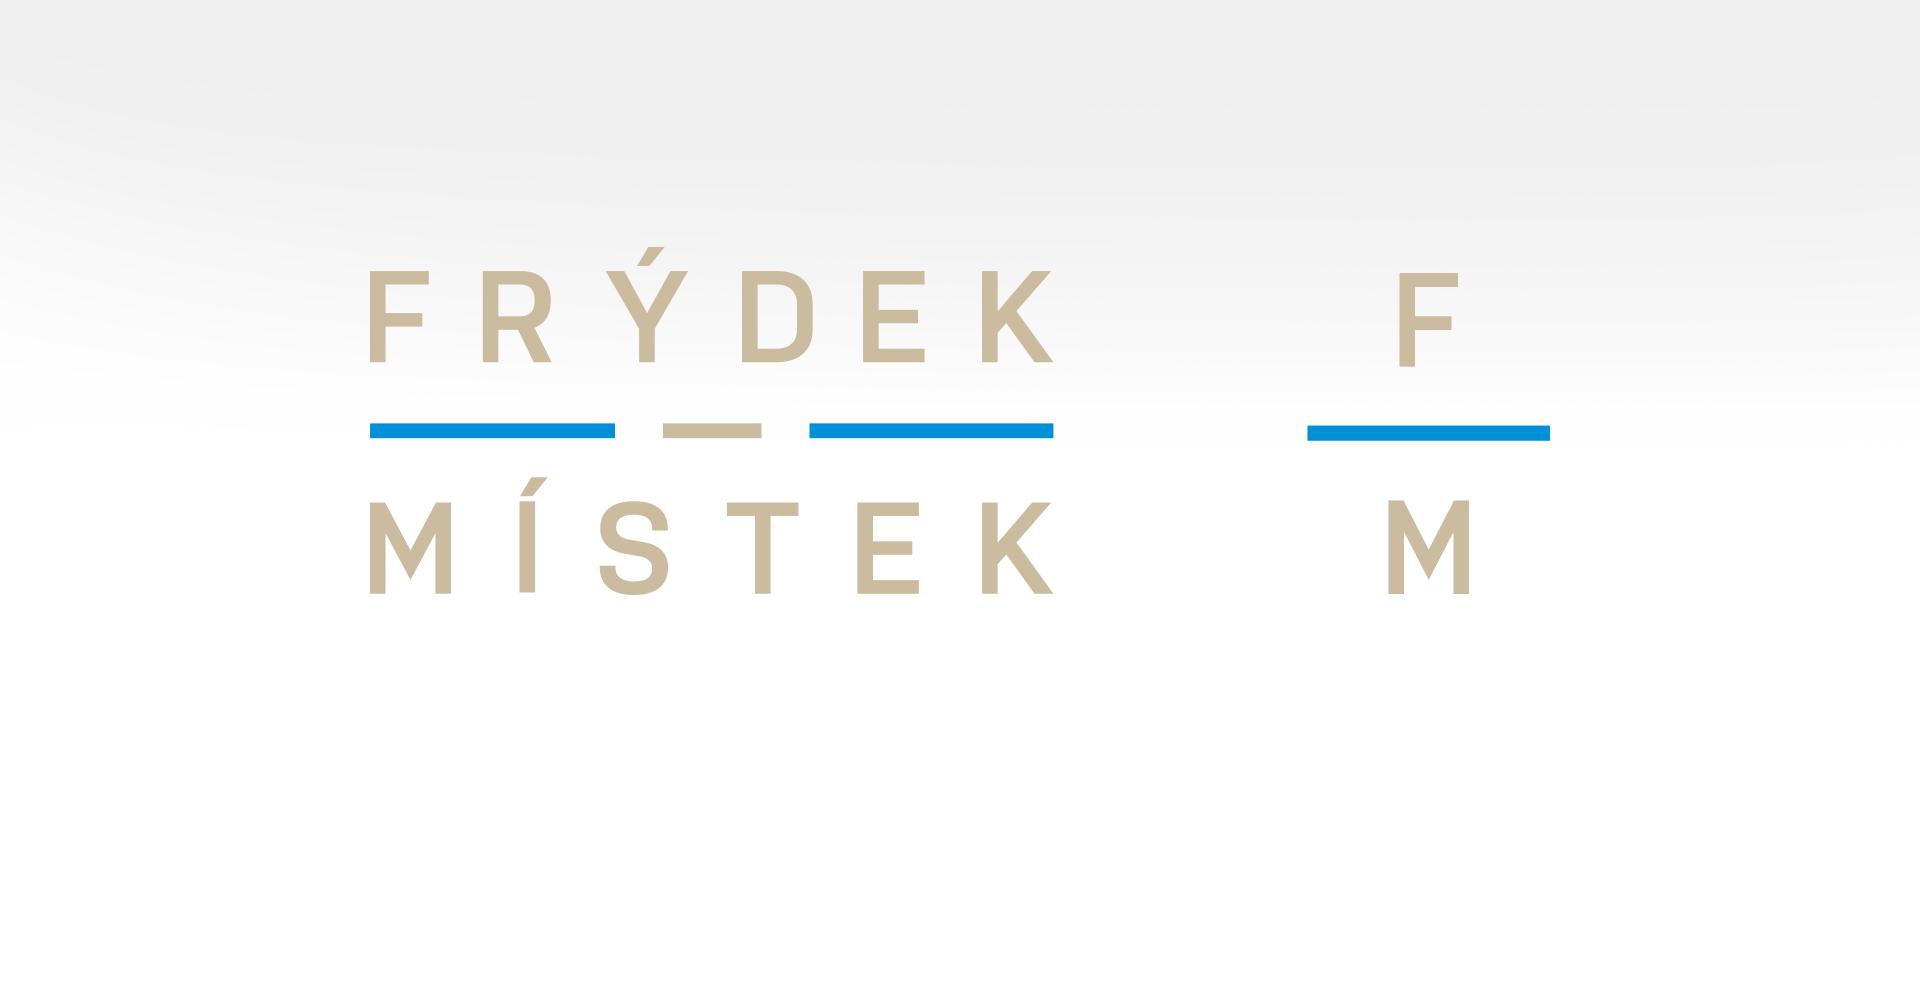 frydek01